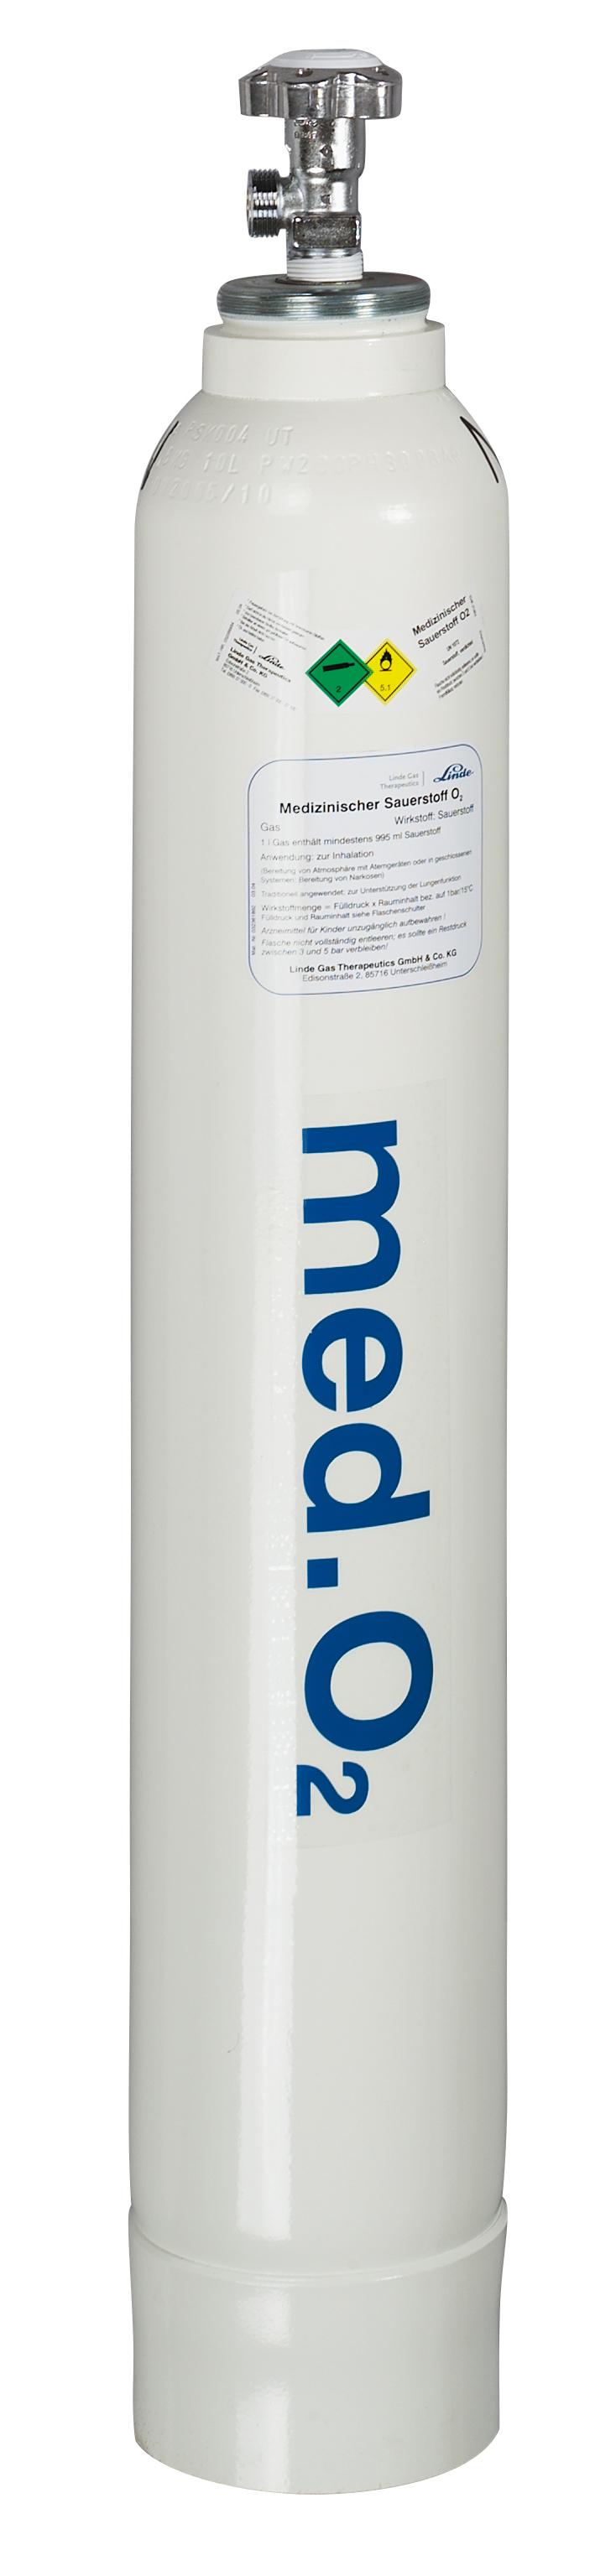 Sauerstoff-Flasche 10,0 Liter, leer, G 3/4, mit Glockenkappe und Fußring, max. Fülldruck 200 bar